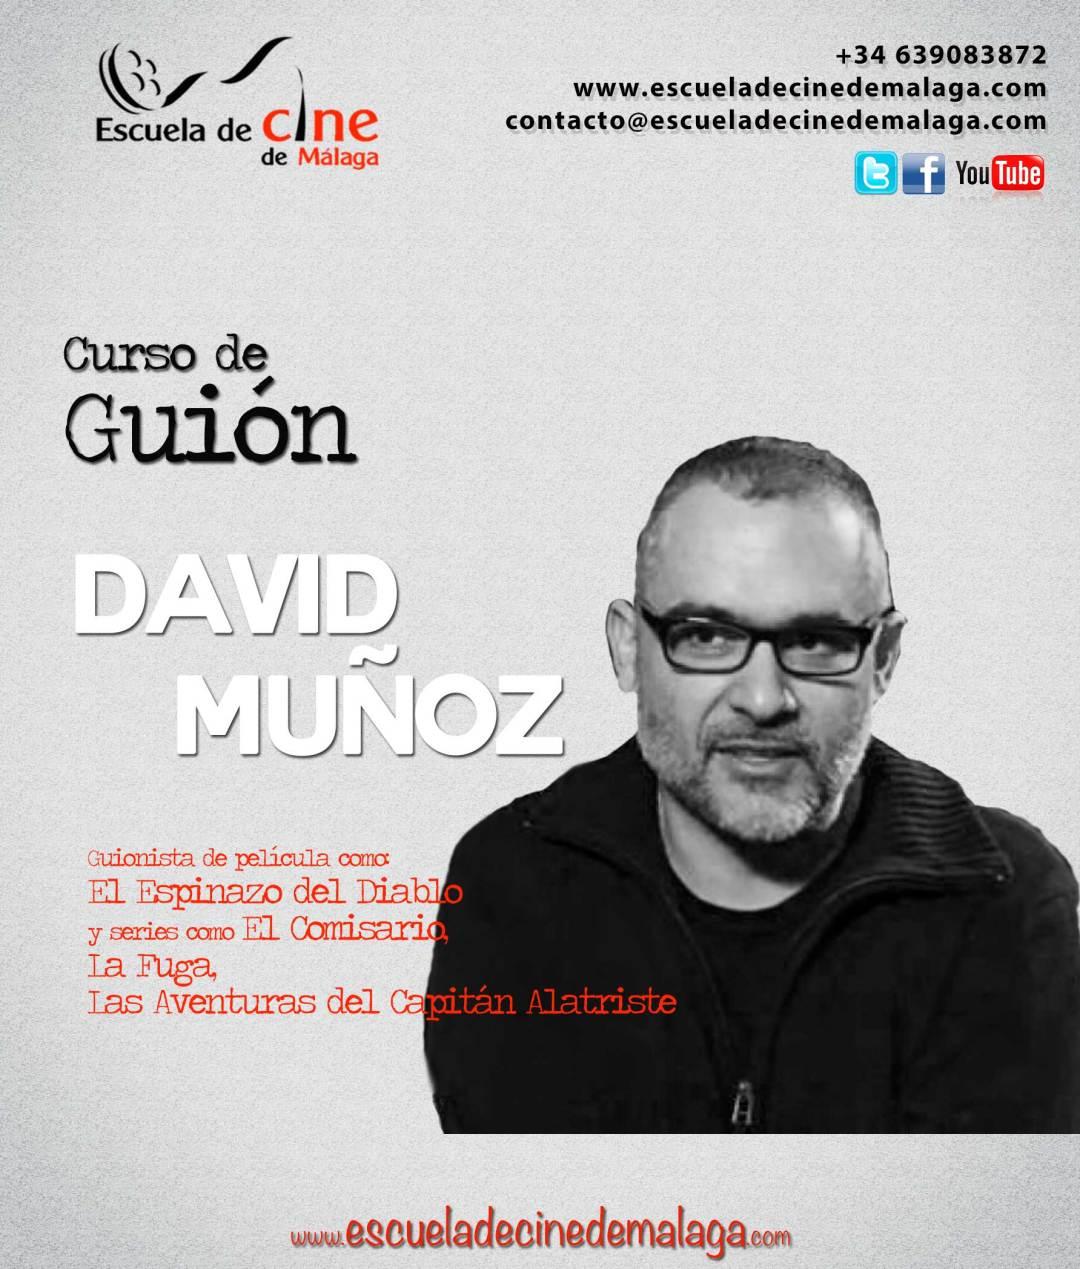 David Muñoz